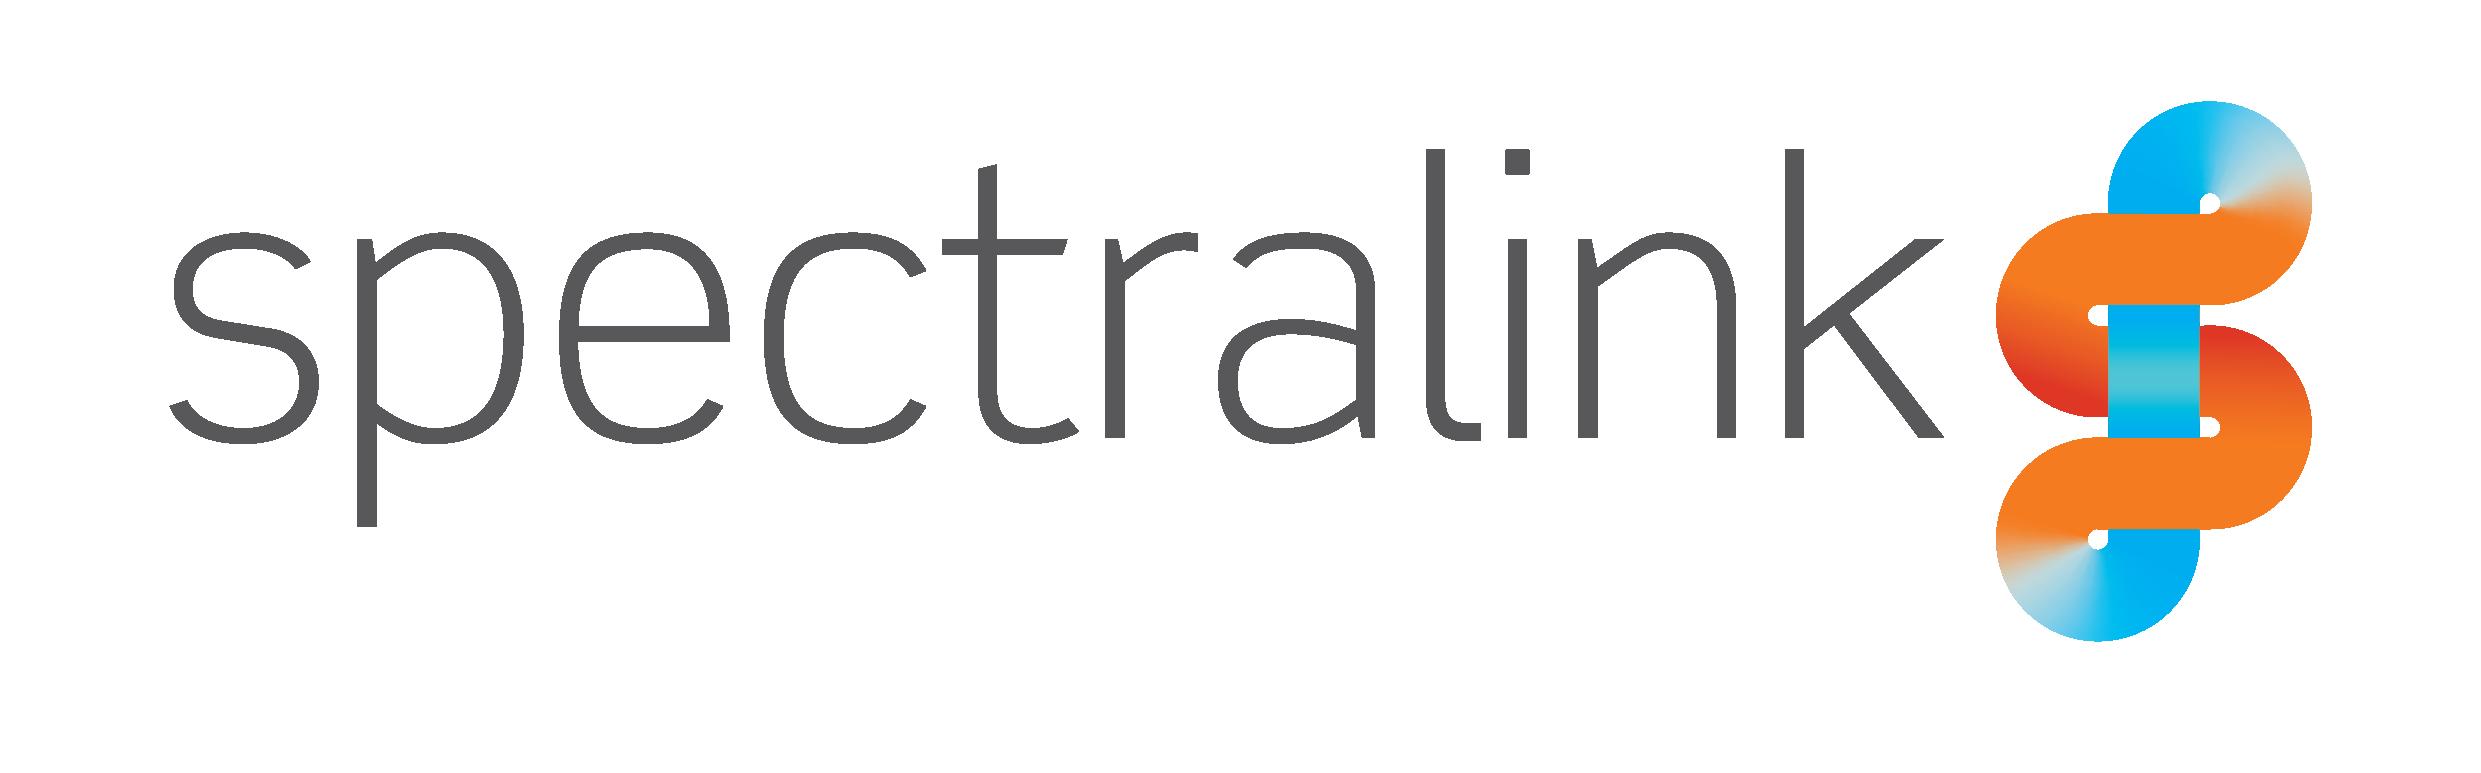 spectralink.png